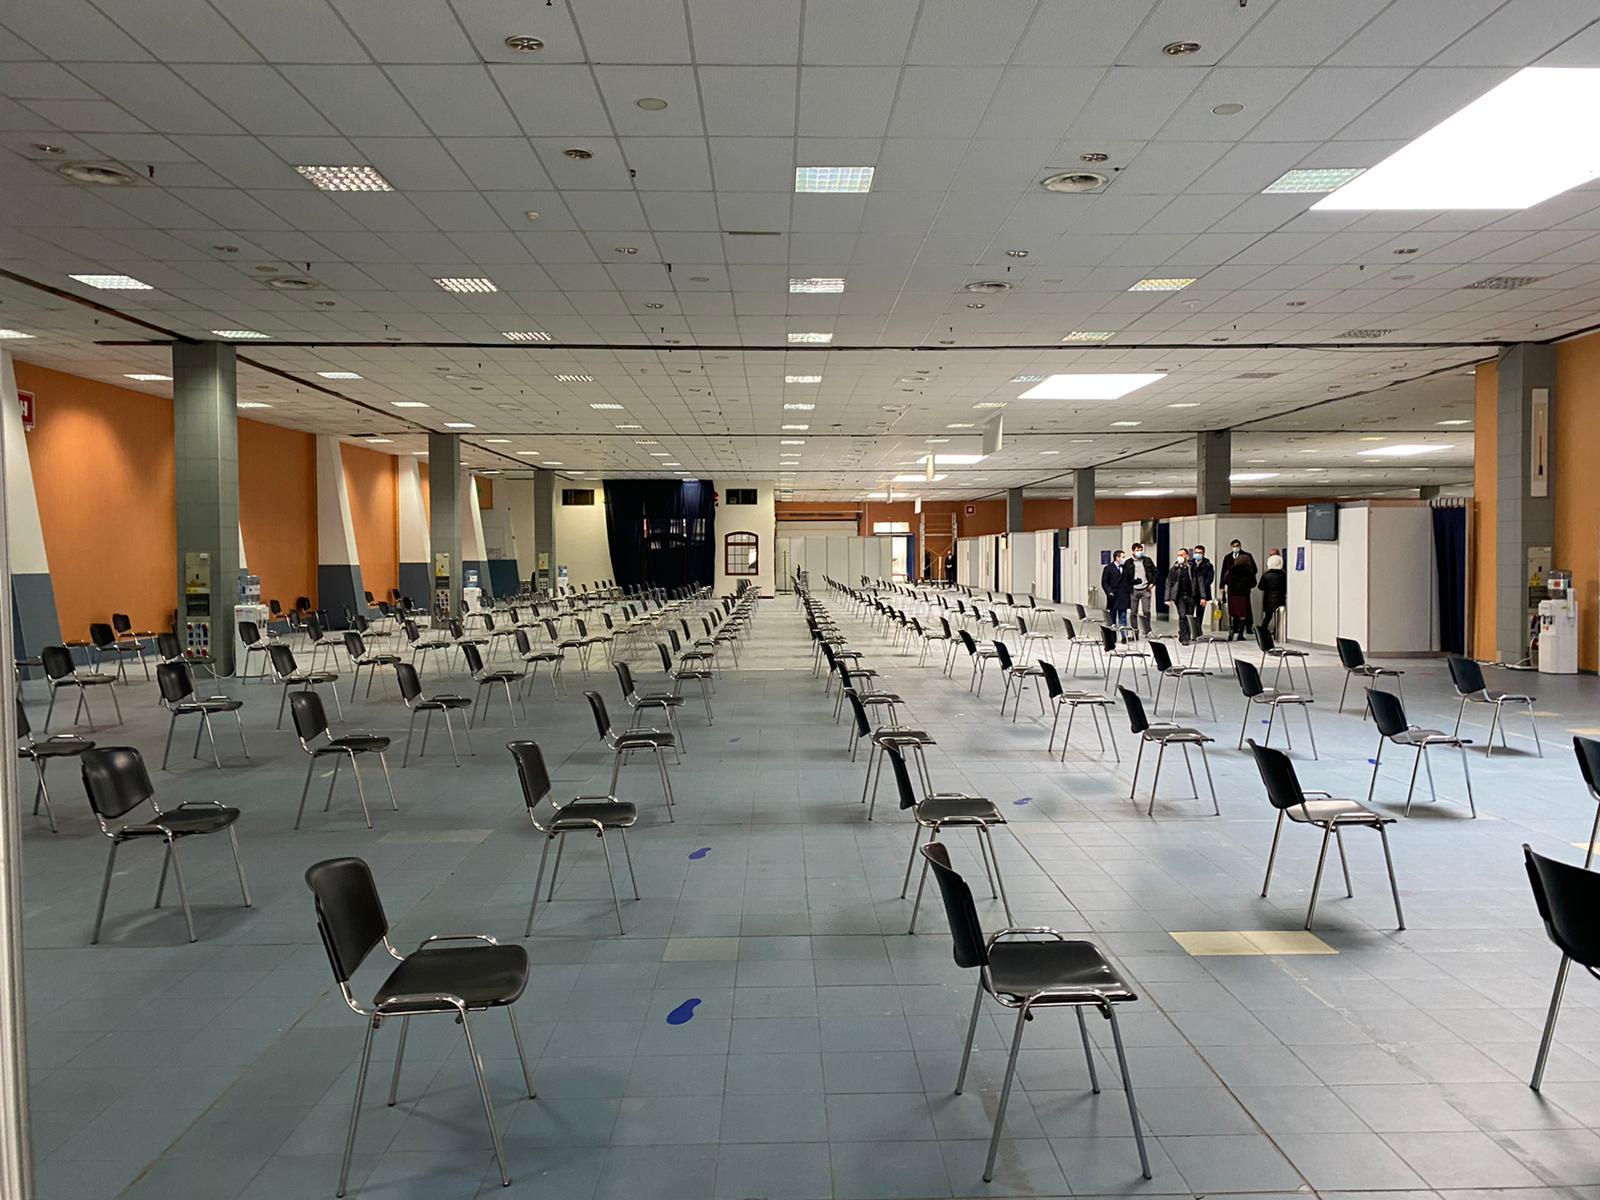 Cum arată centrele de vaccinare de la Romexpo. Spațiul nu are autorizație de securitate la incendiu GALERIE FOTO